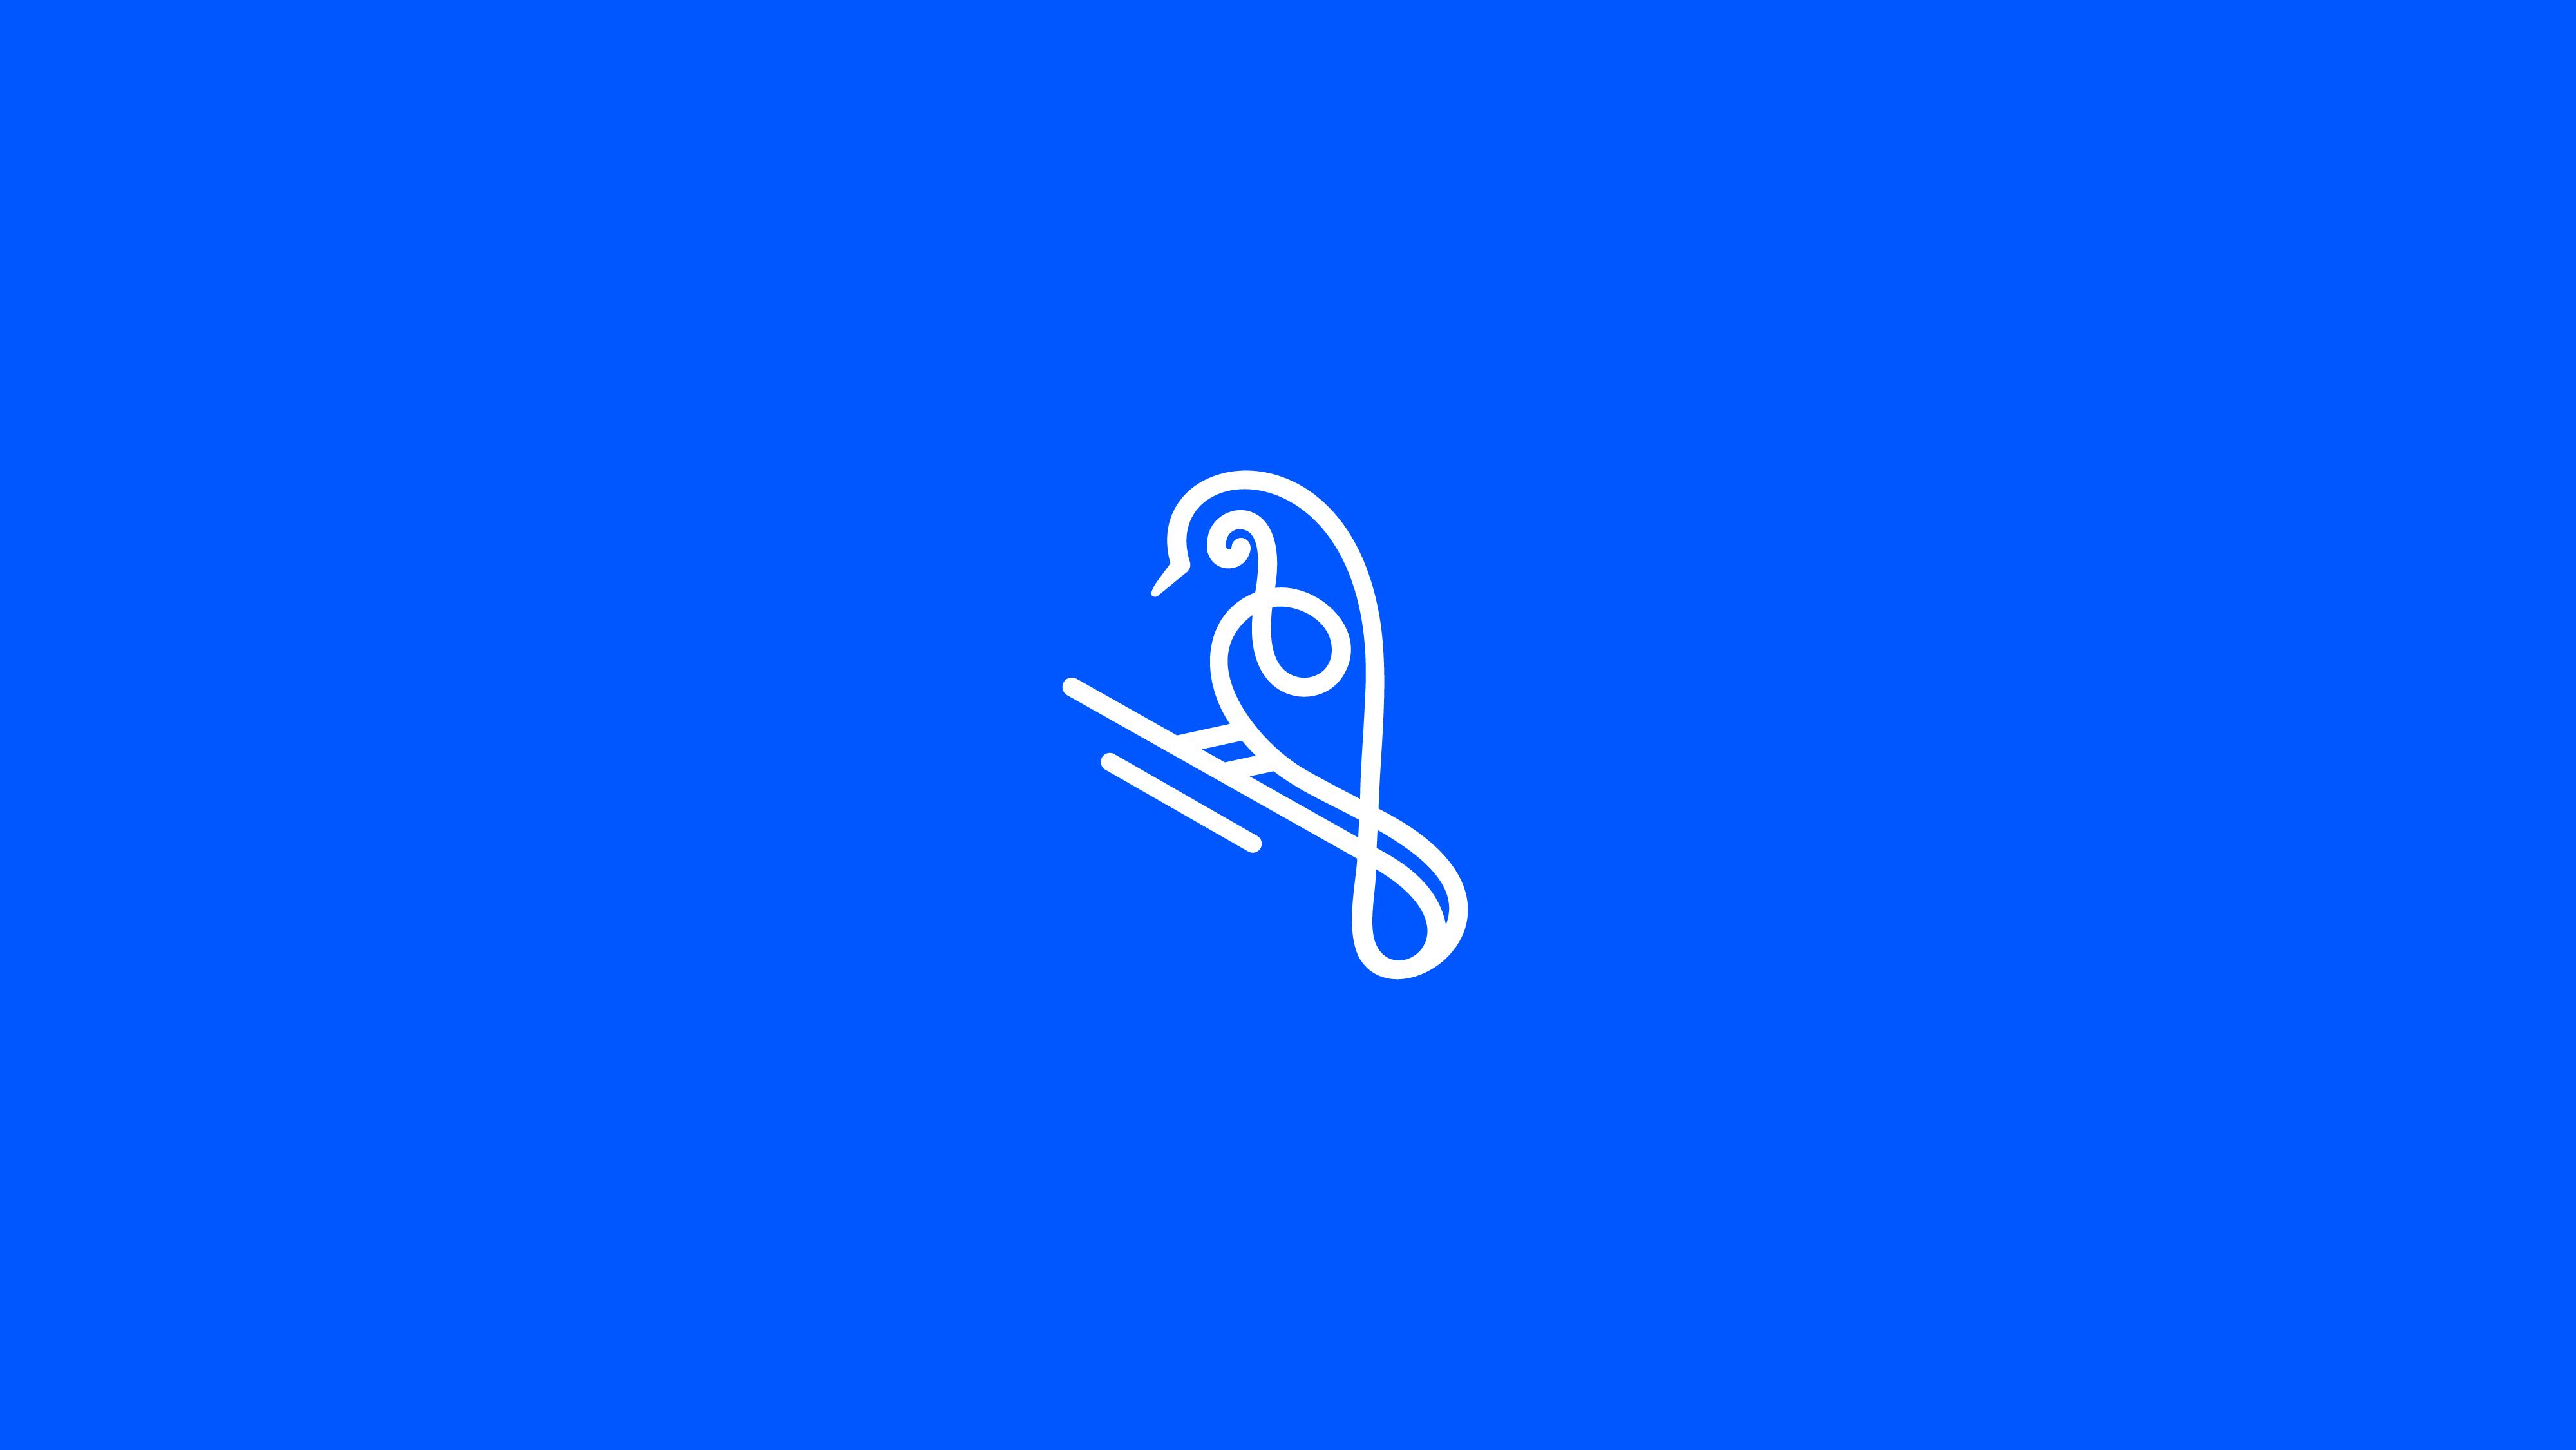 Bird-logo-design-music-logo-by-DAINOGO